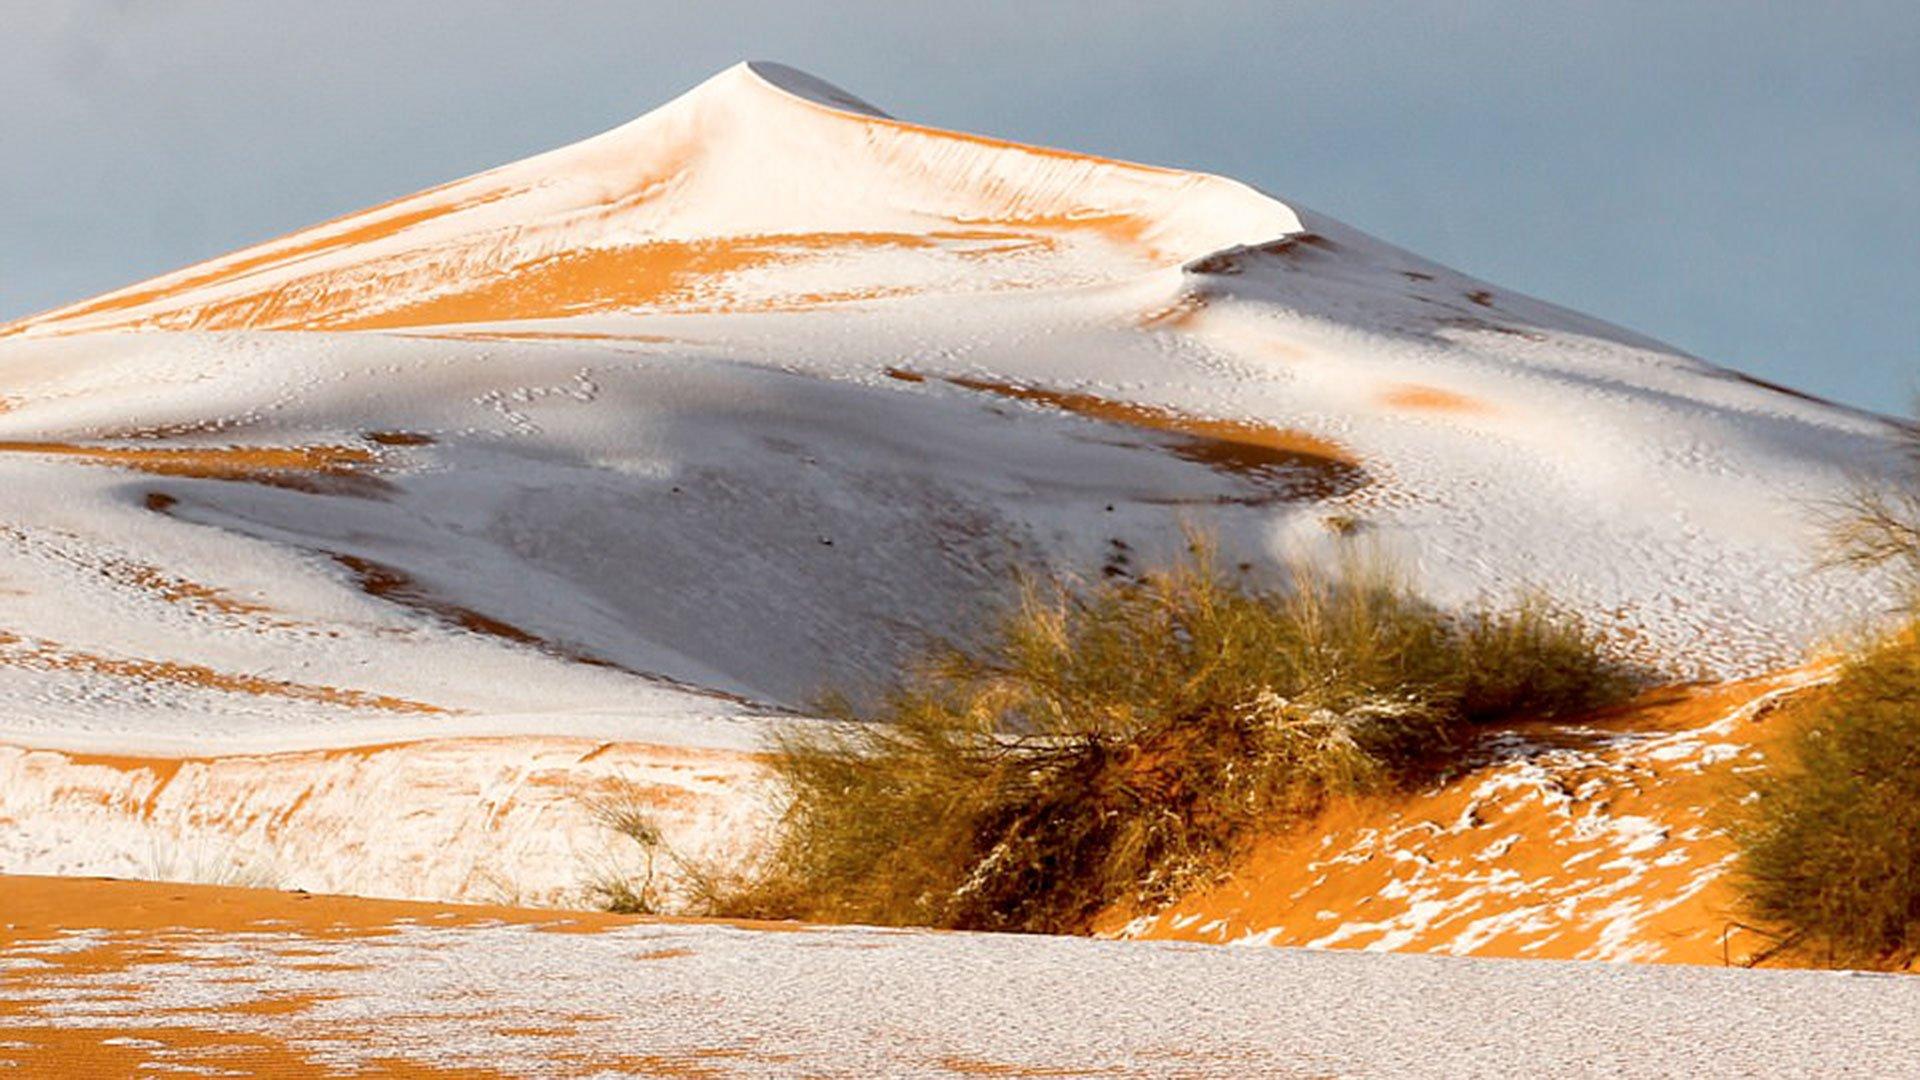 El cambio climático trae consigo temperaturas extremas y nieve donde no debería haber